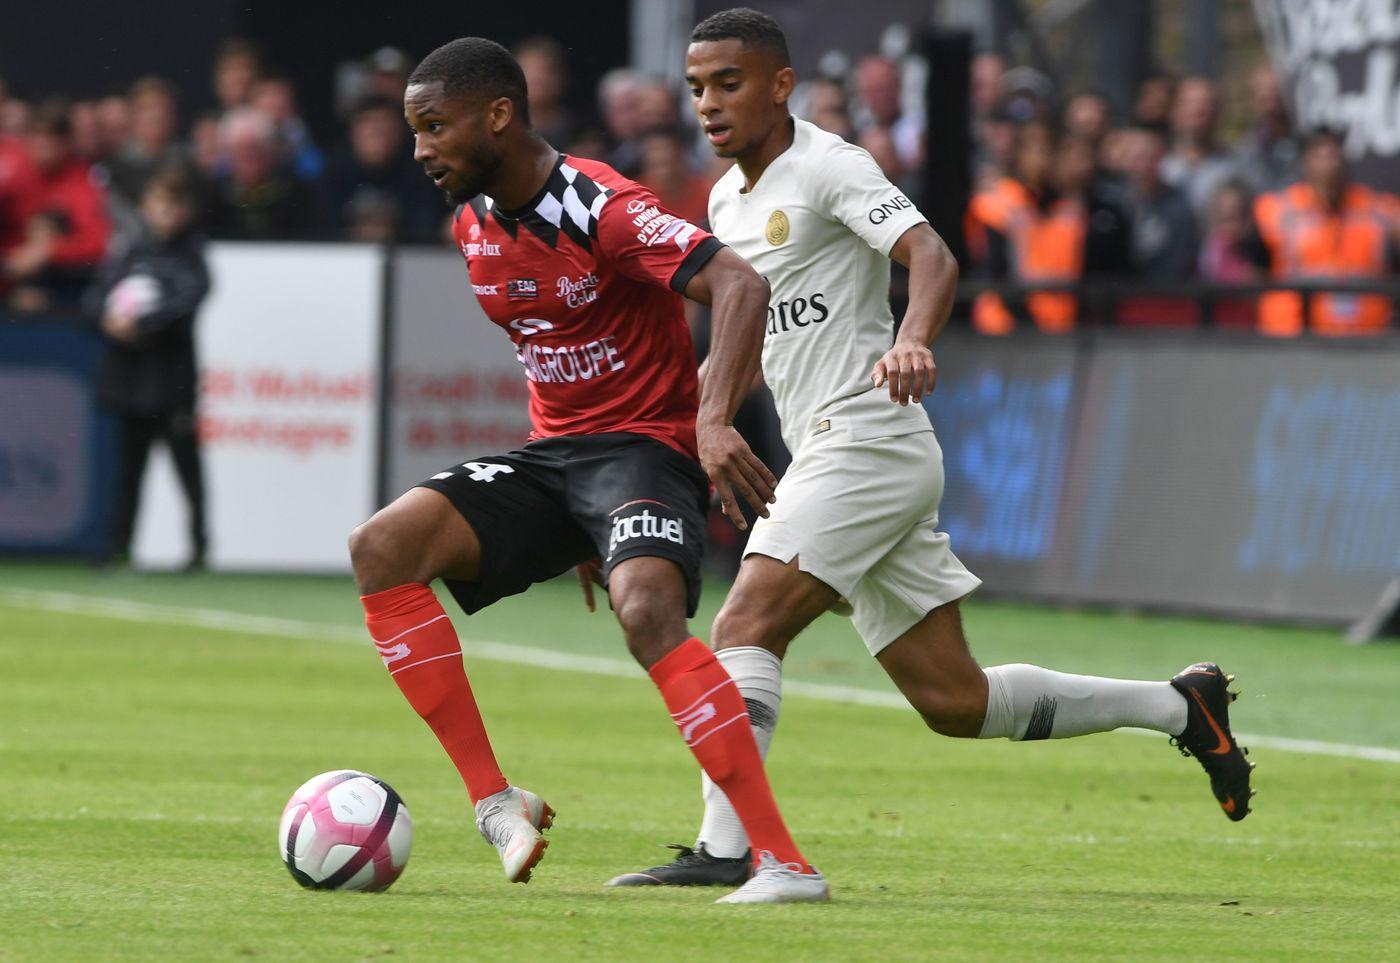 Guingamp-Lione 10 novembre: match valido per la 13 esima giornata del campionato francese. Gli ospiti sono favoriti per i 3 punti.